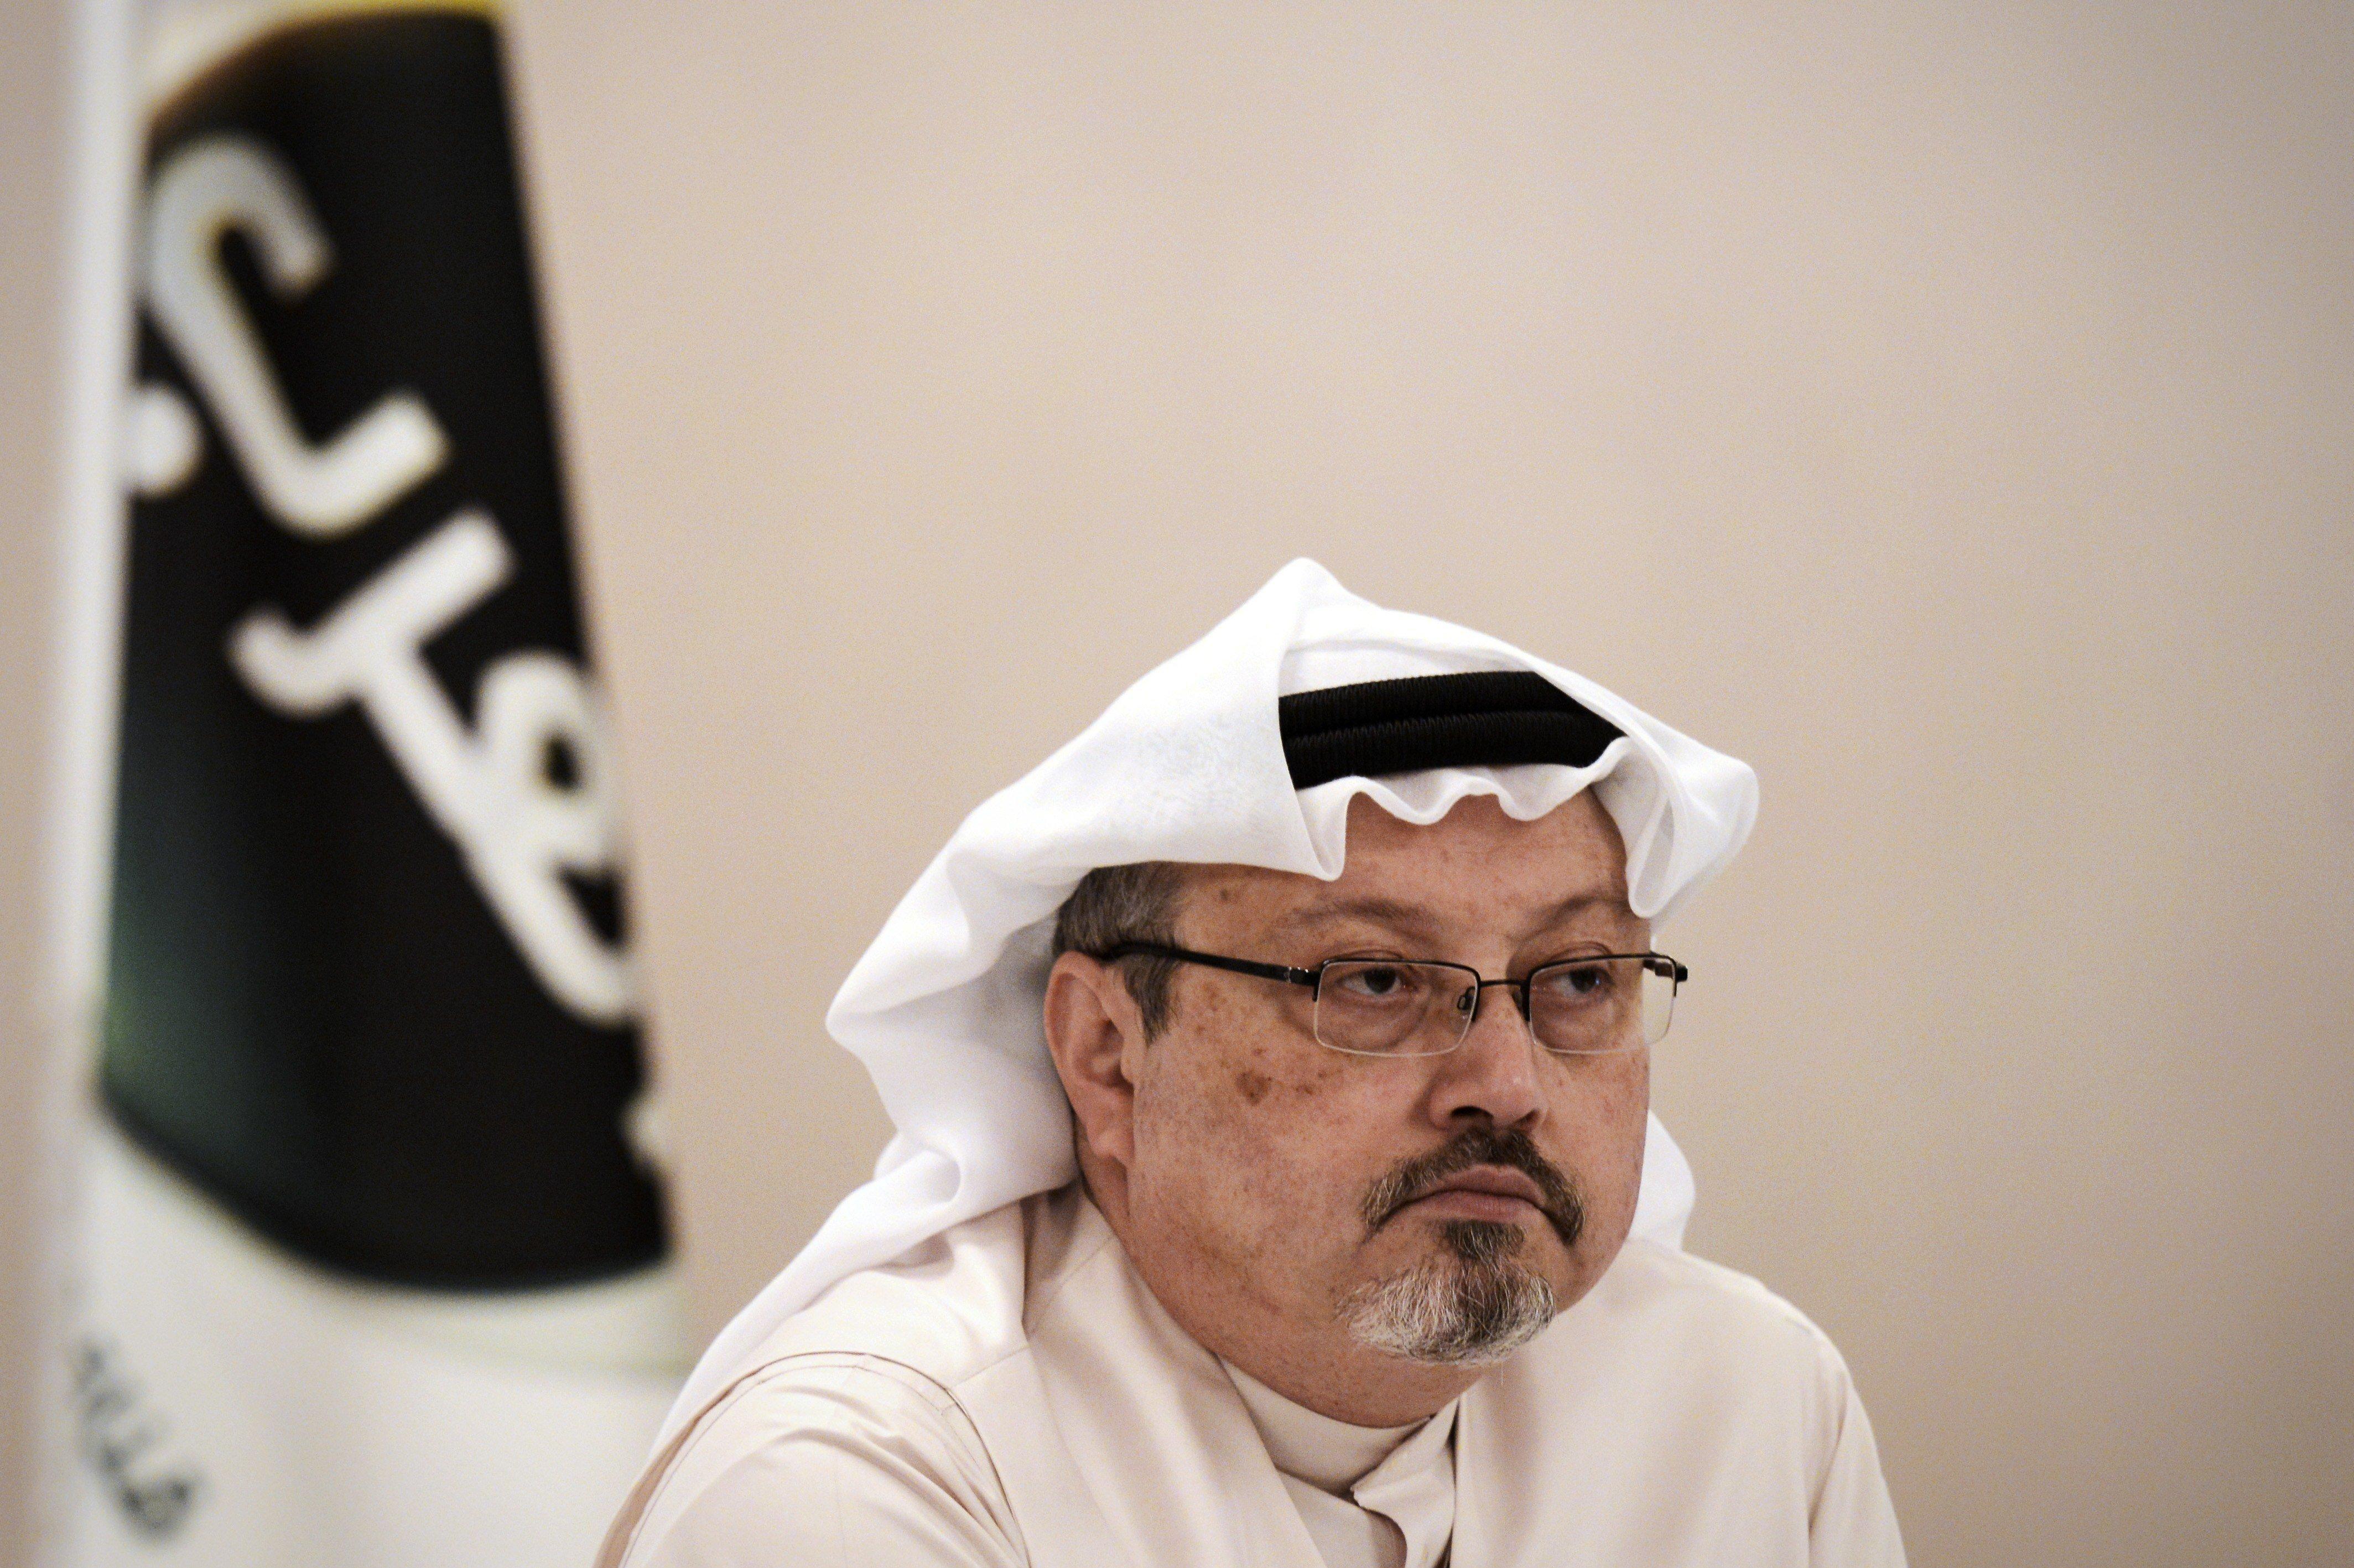 Τι συνέβη στον Τζαμάλ Χασόγκι; Πολιτικό θρίλερ με την μυστηριώδη εξαφάνιση του σαουδάραβα